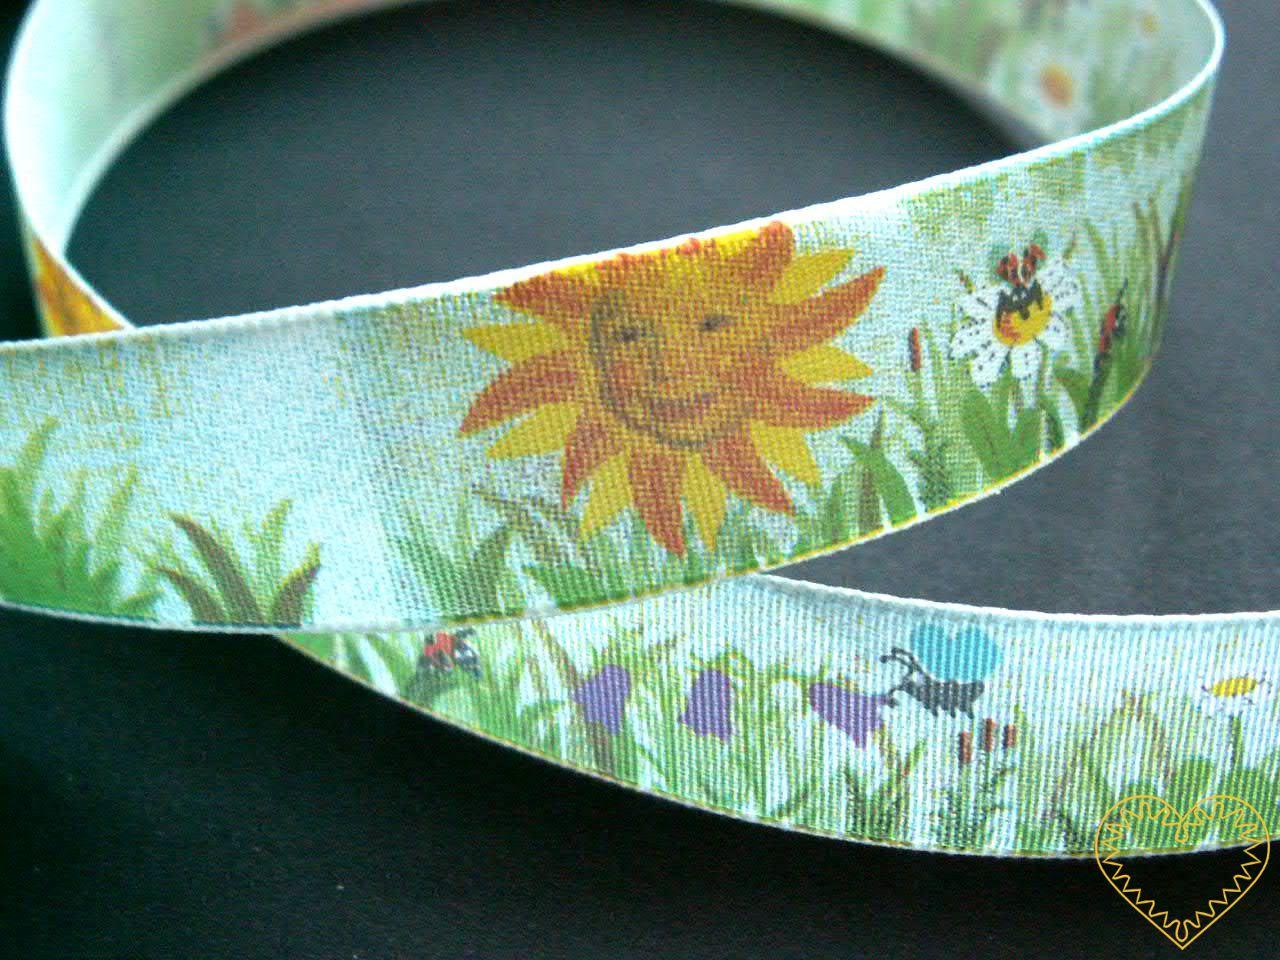 Stuha Louka - textilní s tiskem - šíře 20 mm. Pro všechny, kdo mají rádi voňavou louku plnou kytek, zelené trávy, zvířátek a zalitou sluníčkem. Vhodná k nejrůznějšímu dekorování, aranžování či balení dárků.